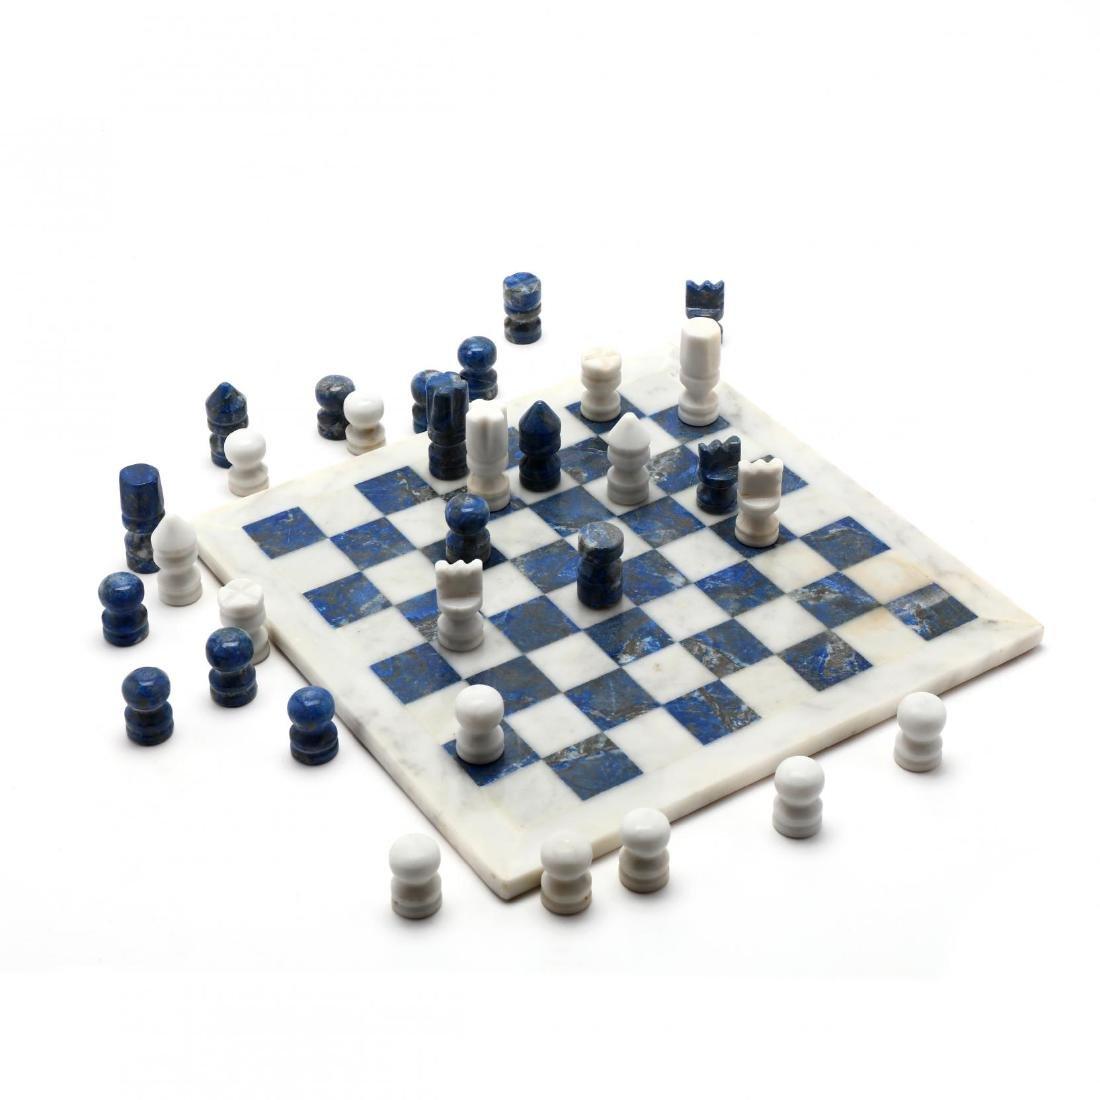 Lapis Lazuli and White Marble Chess Set, Morita Gil